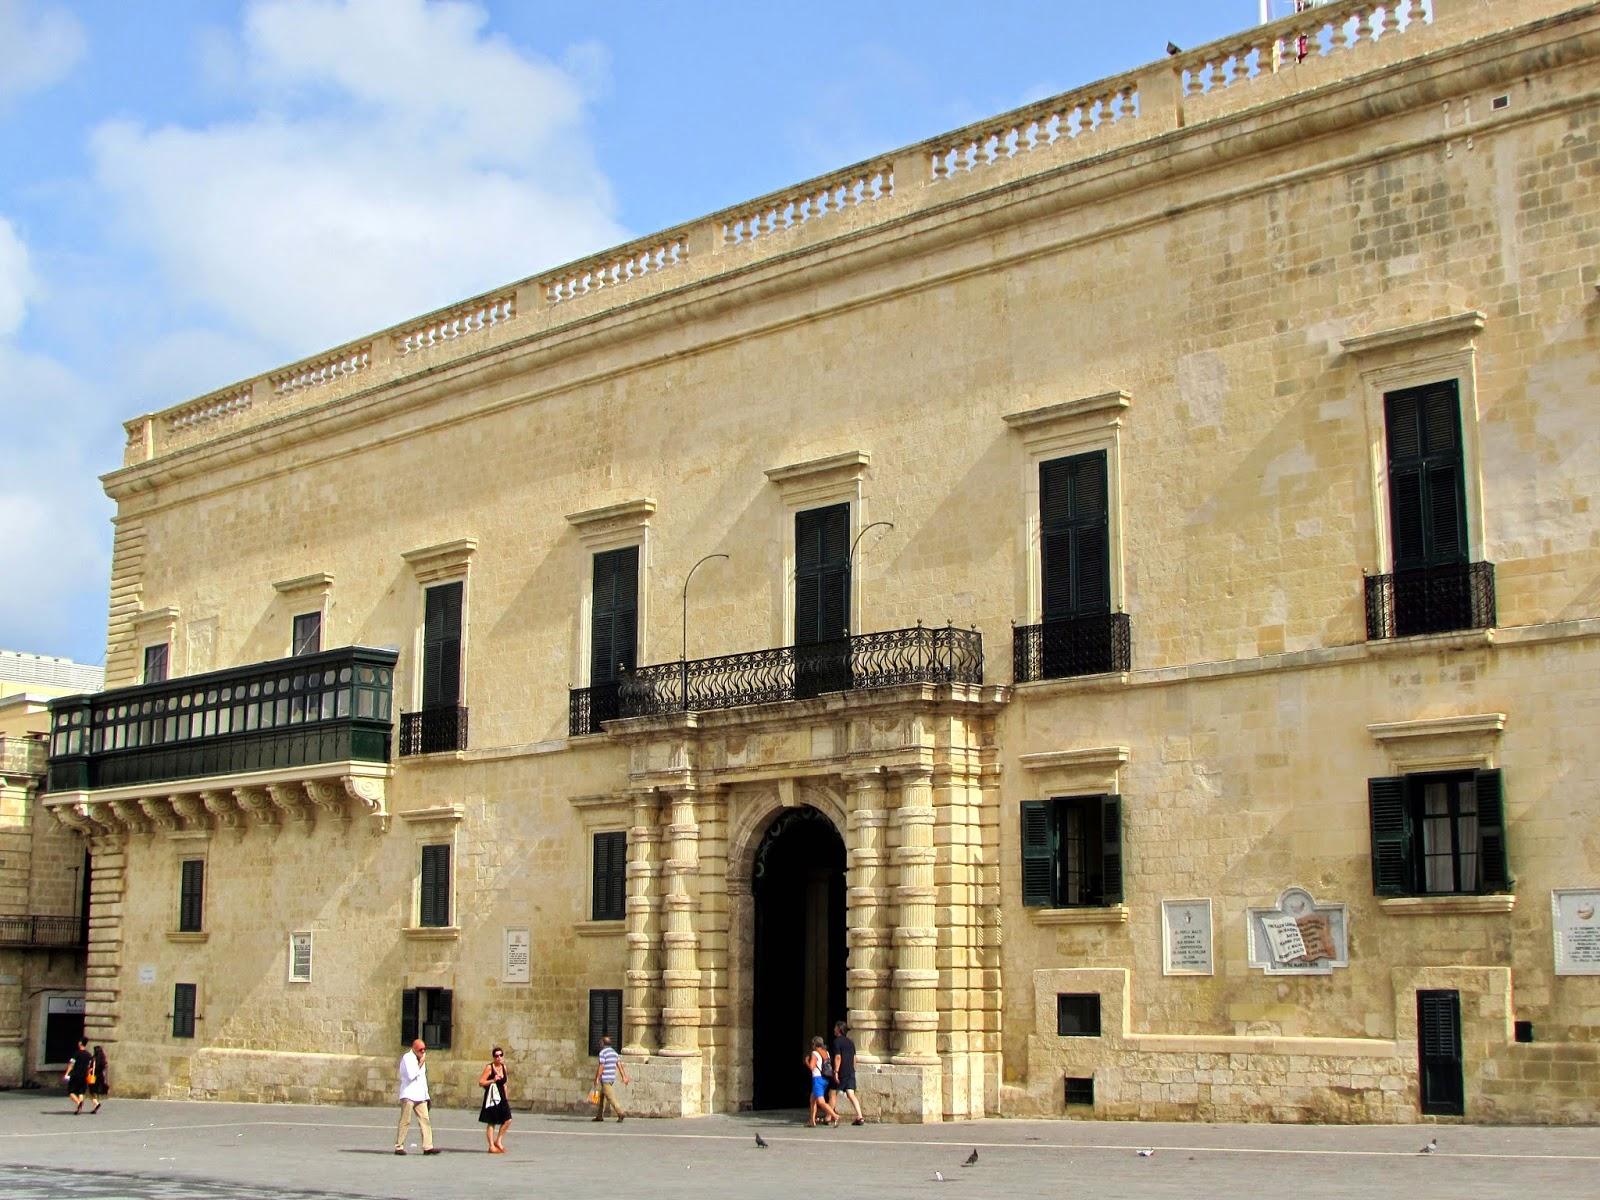 Malta. Malte. Il-Bet Valletta. La Valeta. Palacio. Gran Maestre